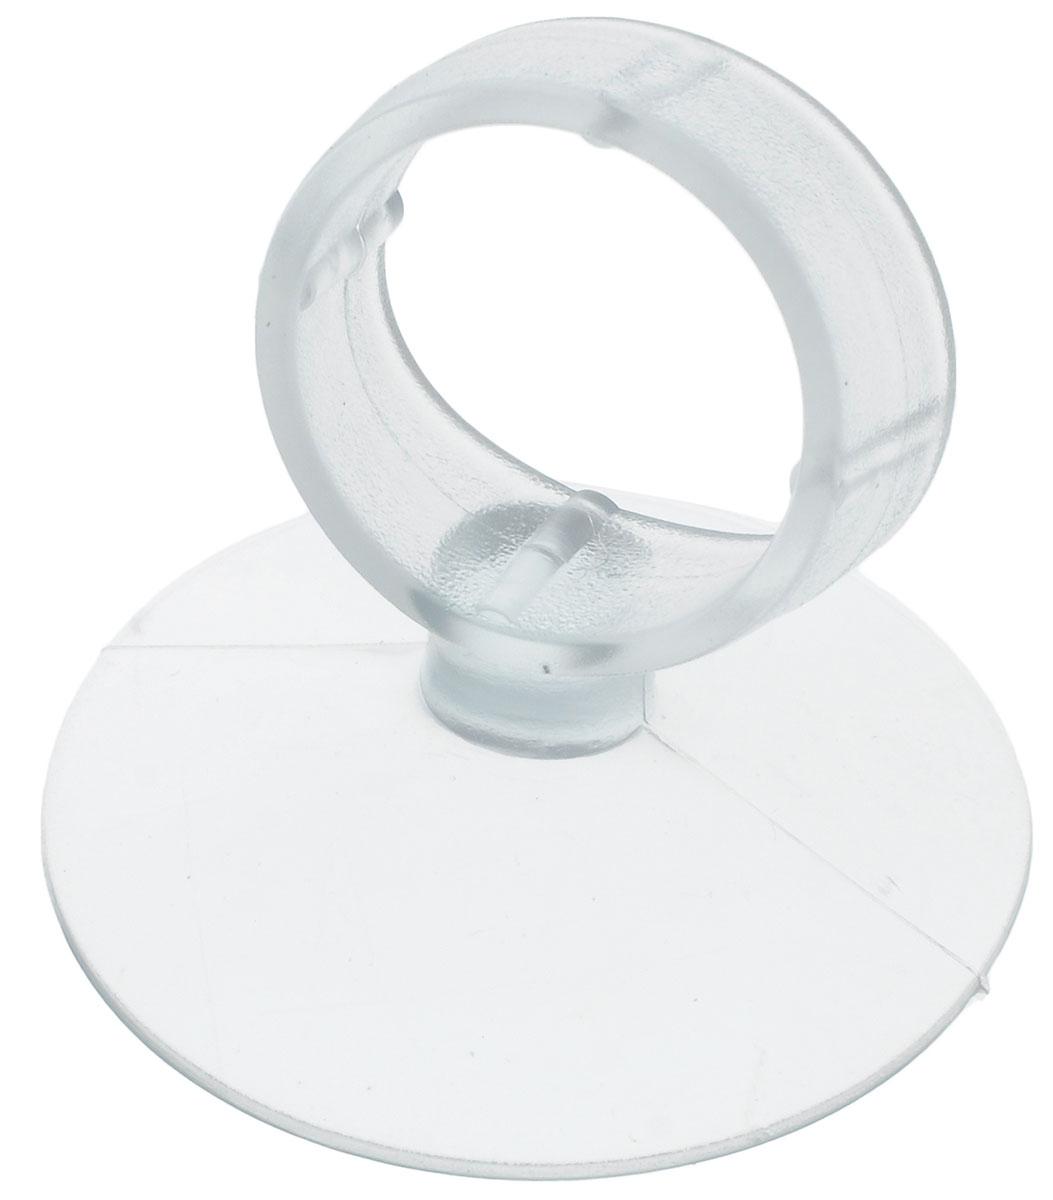 Присоска силиконовая Barbus, диаметр держателя 2,2 смAccessory 097Присоска Barbus выполнена из высококачественного силикона. Предназначена присоска для установки фильтров, помп, нагревателей и других аквариумных аксессуаров. Диаметр присоски: 4 см.Диаметр держателя: 2,2 см.